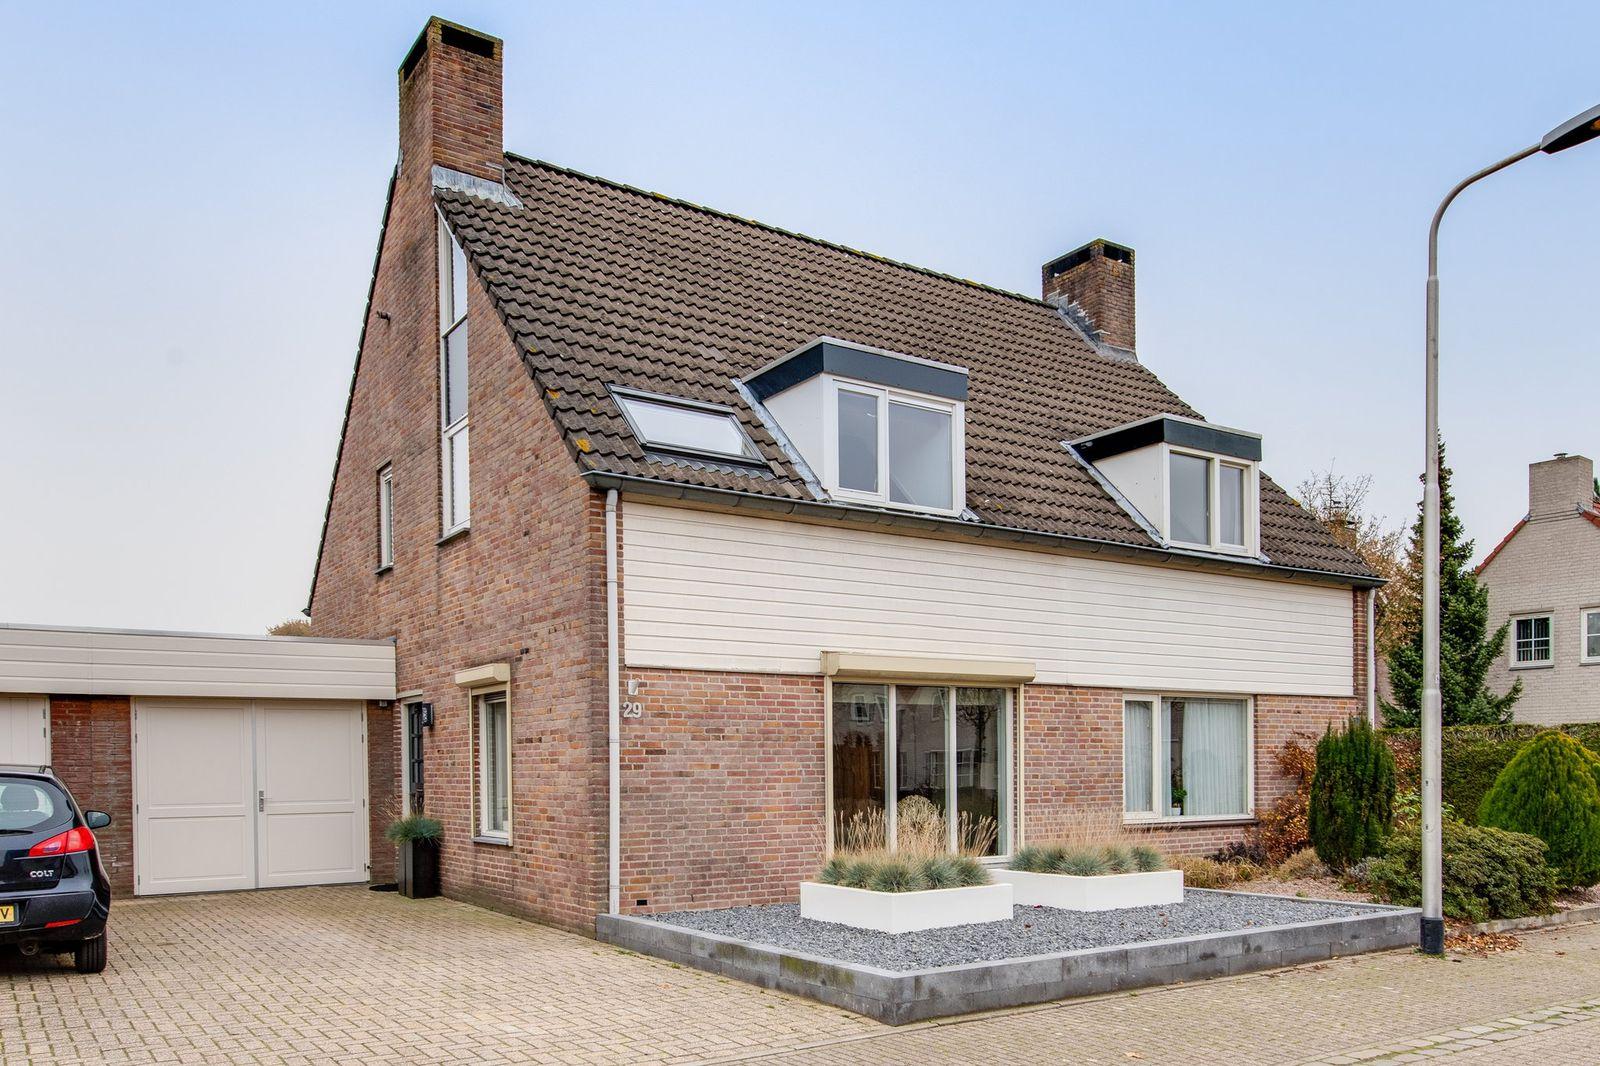 Kamille 29, Udenhout